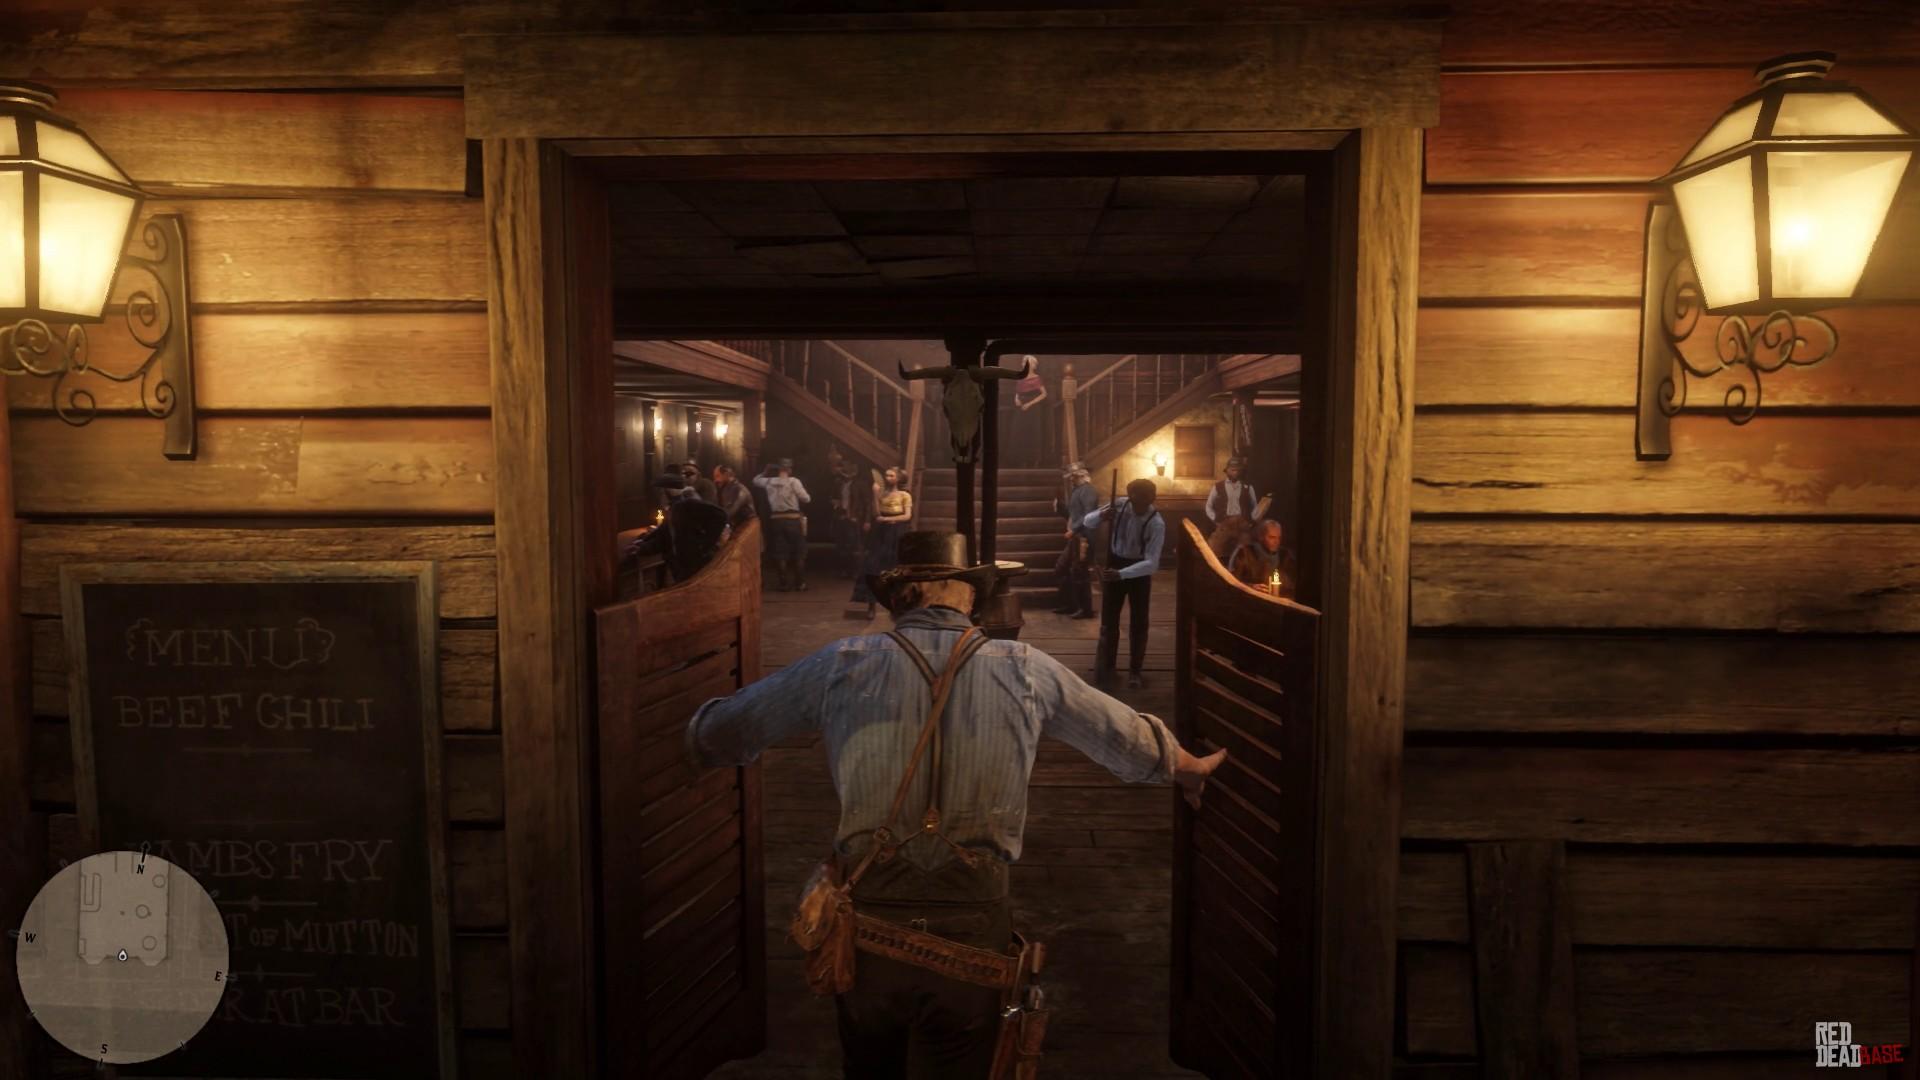 Todo lo que tenés que saber antes de jugar Red Dead Redemption 2